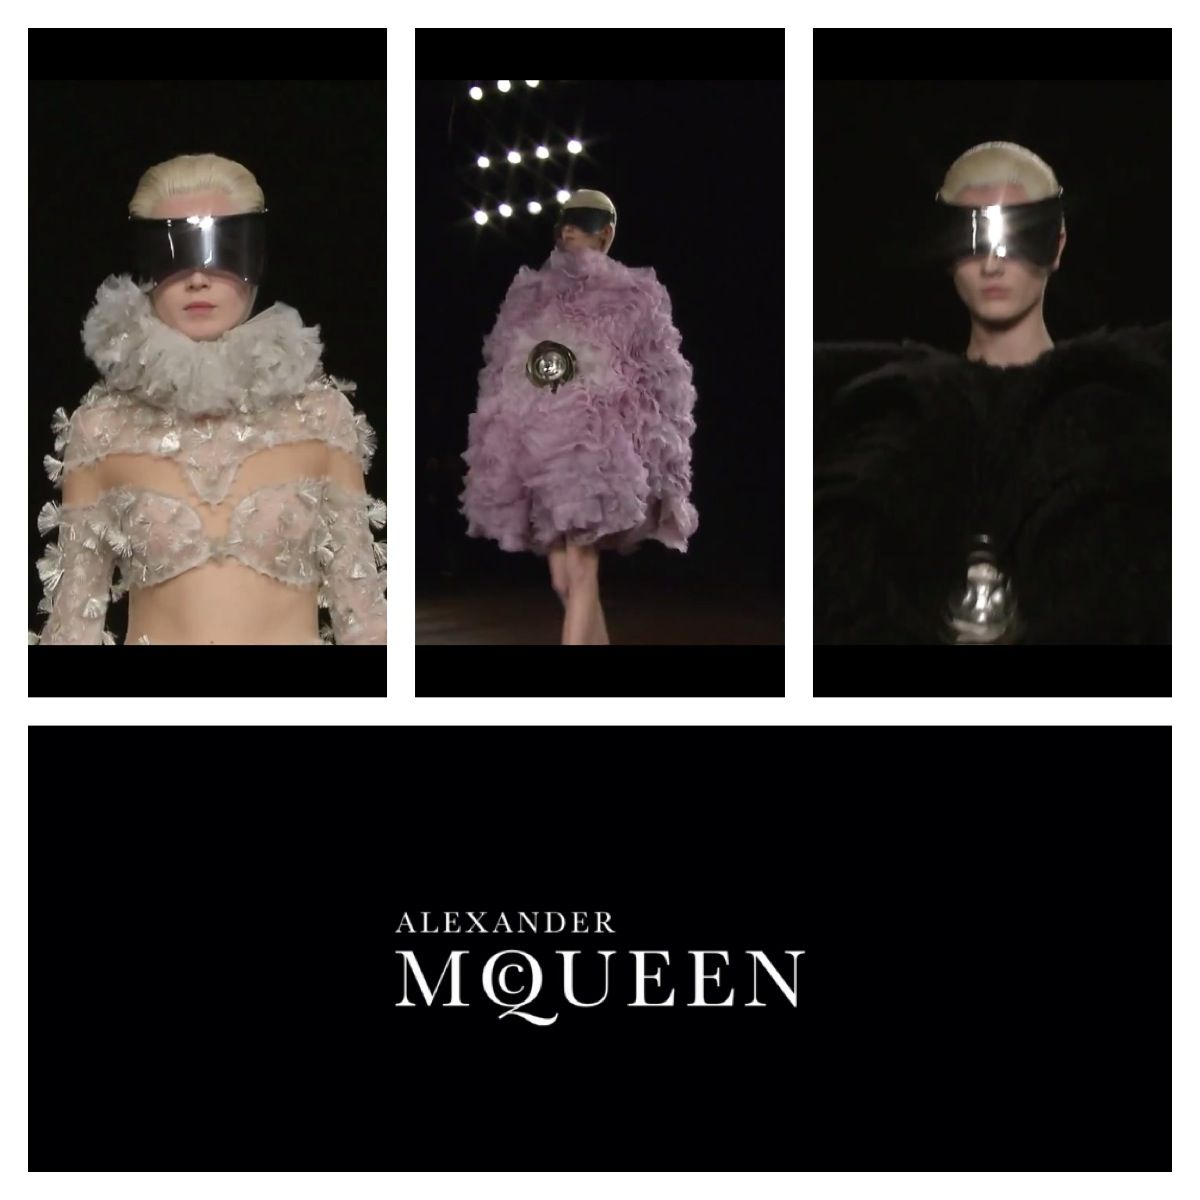 Mcqueen autumnwinter 2012 alexander mqueen my style